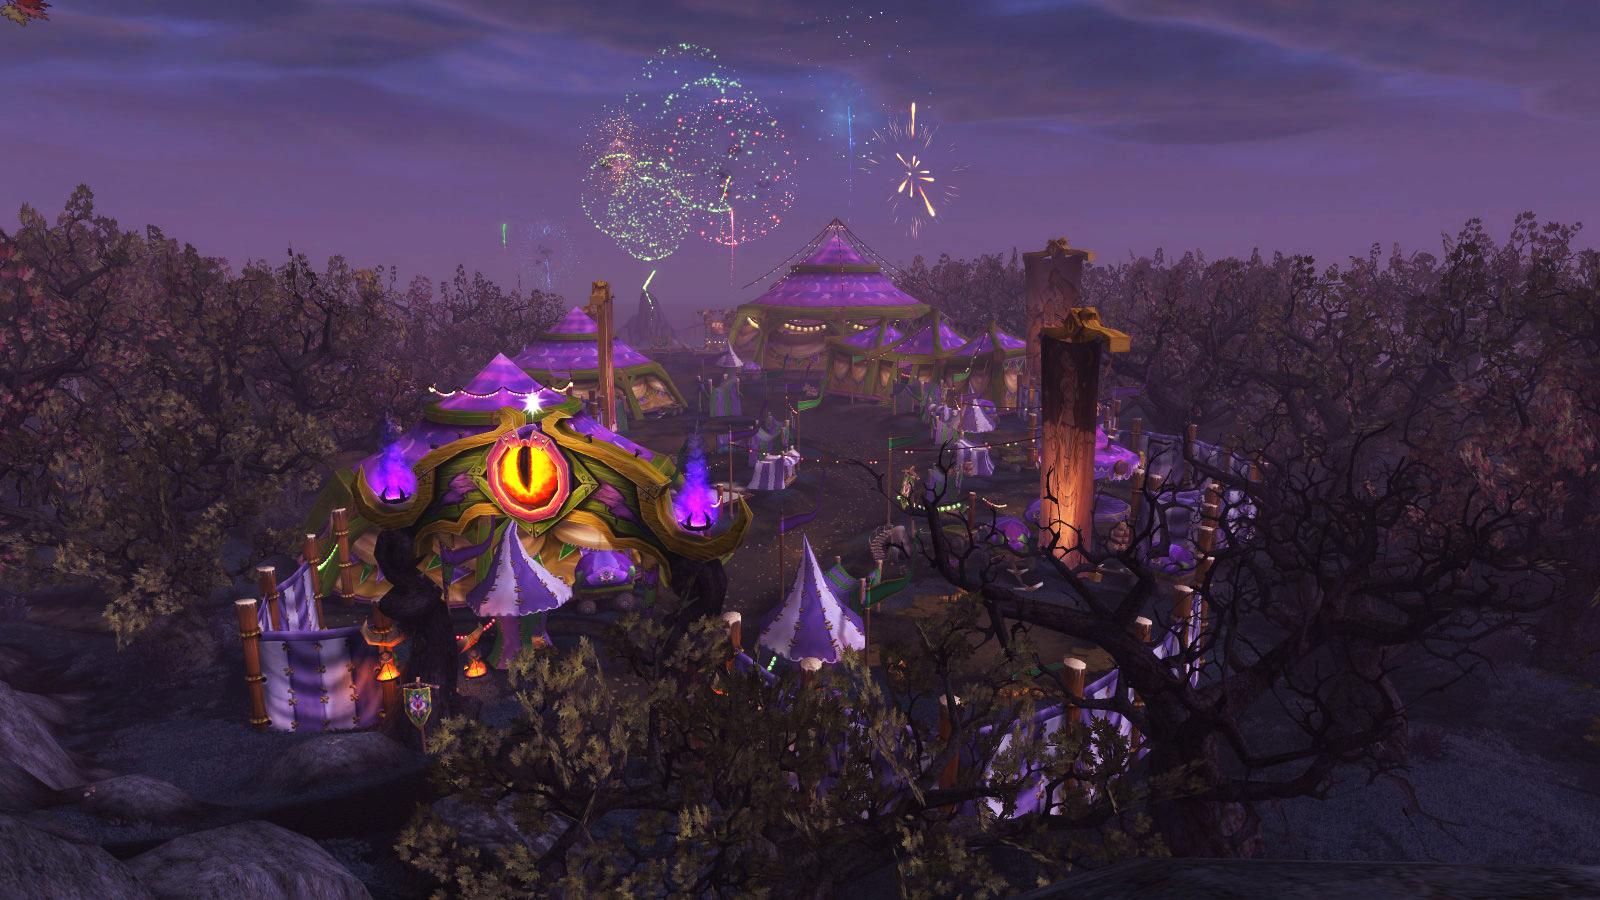 La Foire de sombrelune se déroule une fois par mois dans World of Warcraft